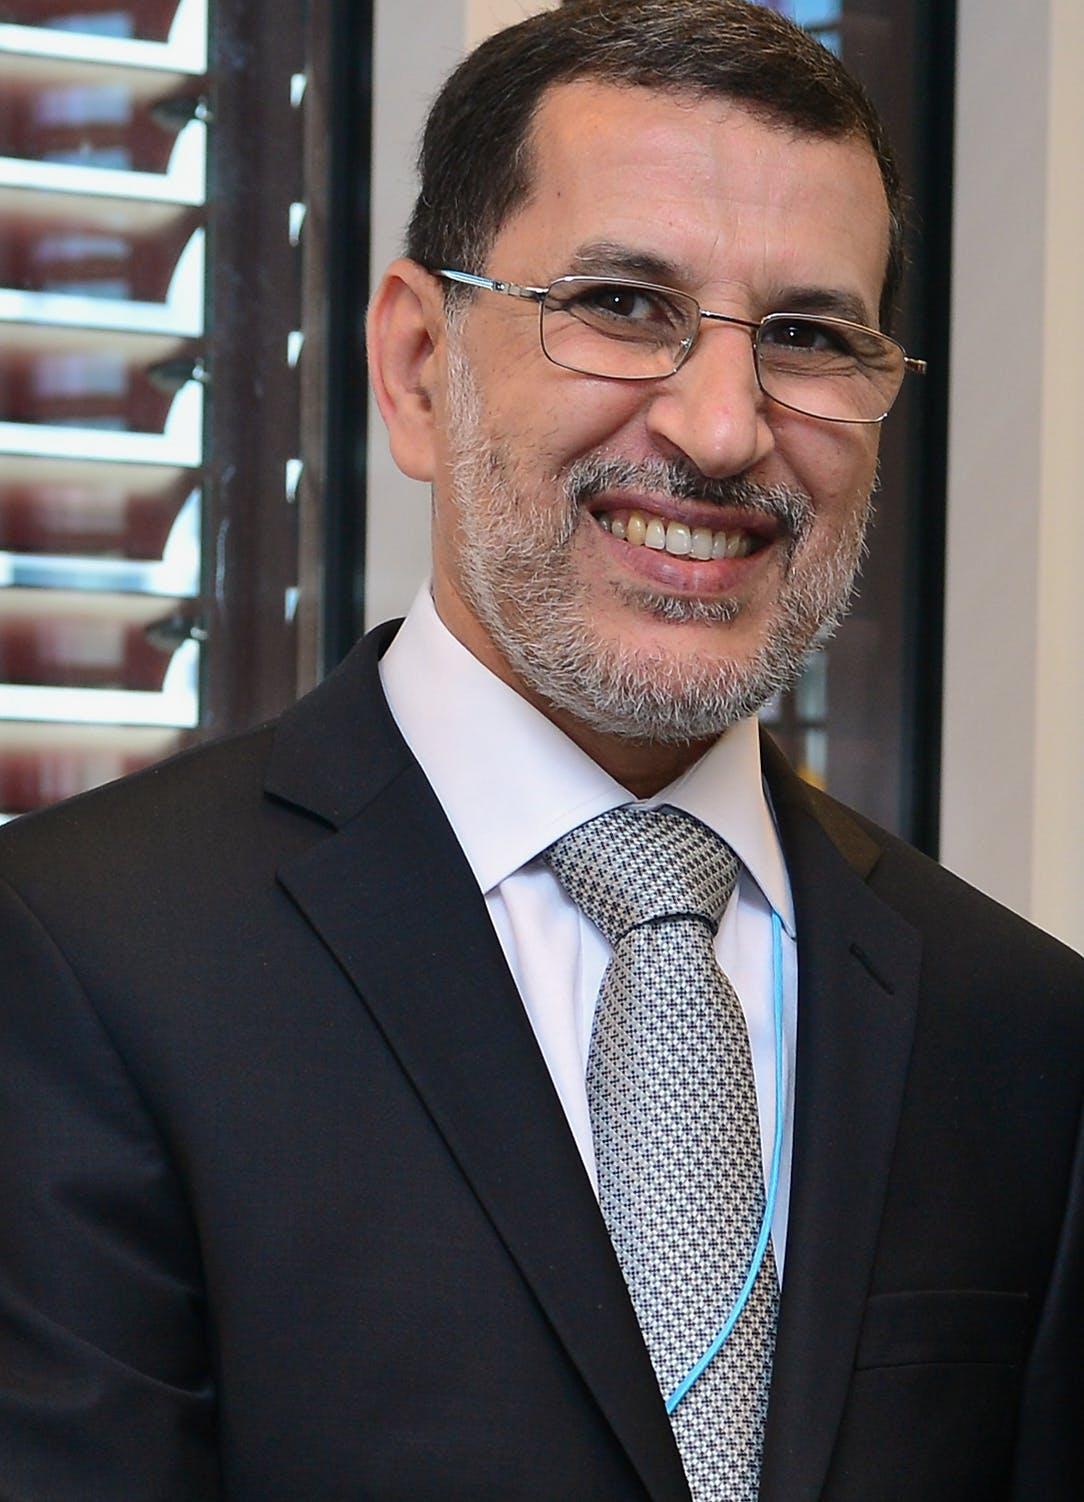 Saad_Dine_El_Otmani_(cropped)